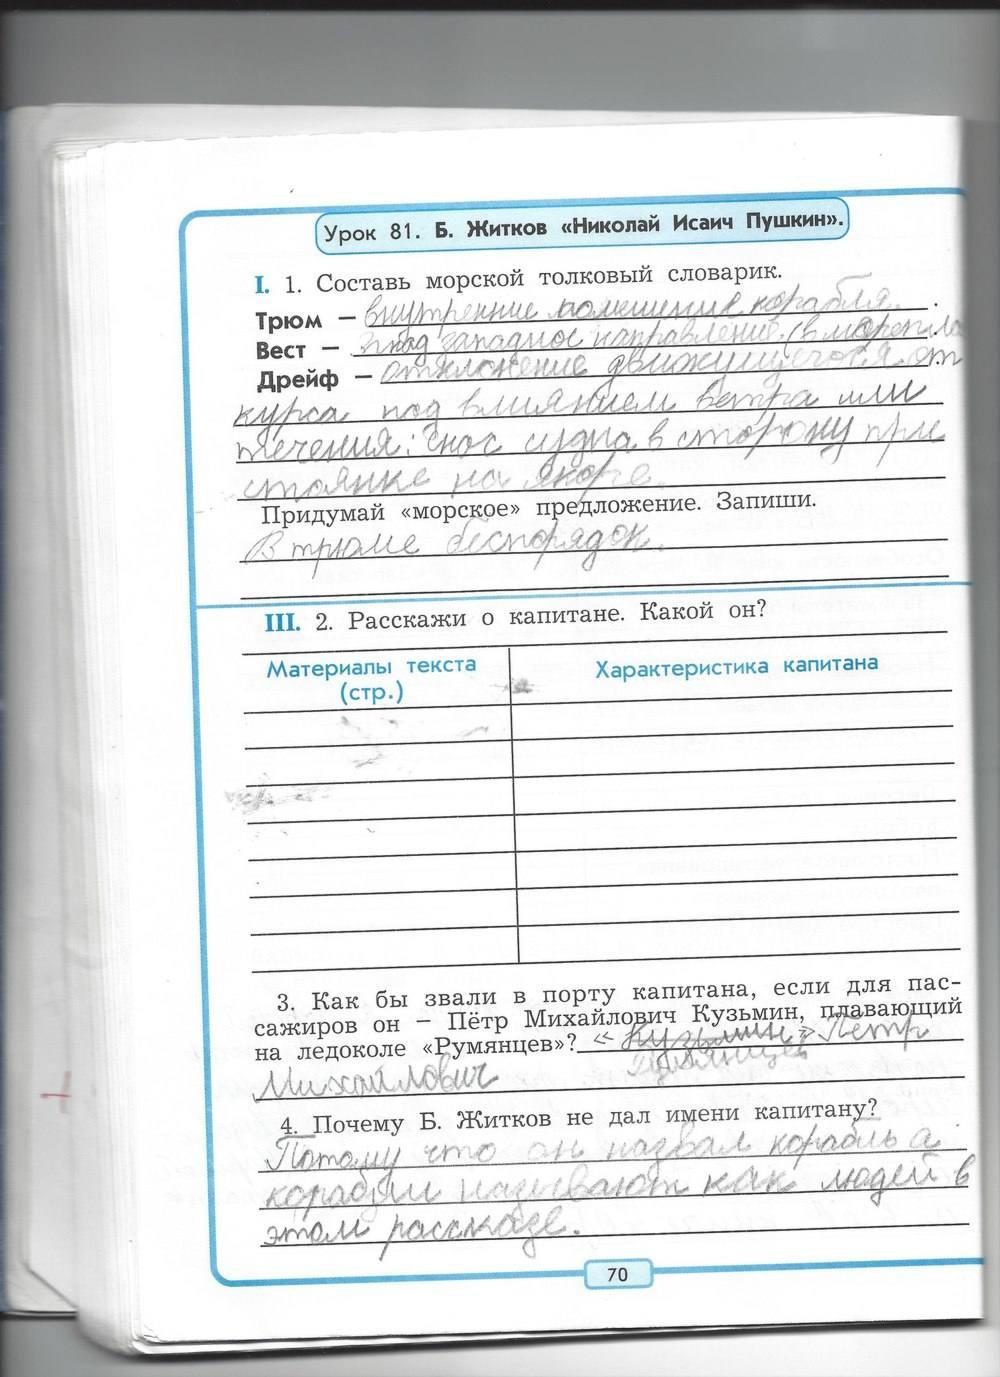 Гдз по литературному чтению 4 класс р.н.брунеев, е.в.брунеева, о.в.чиндилова